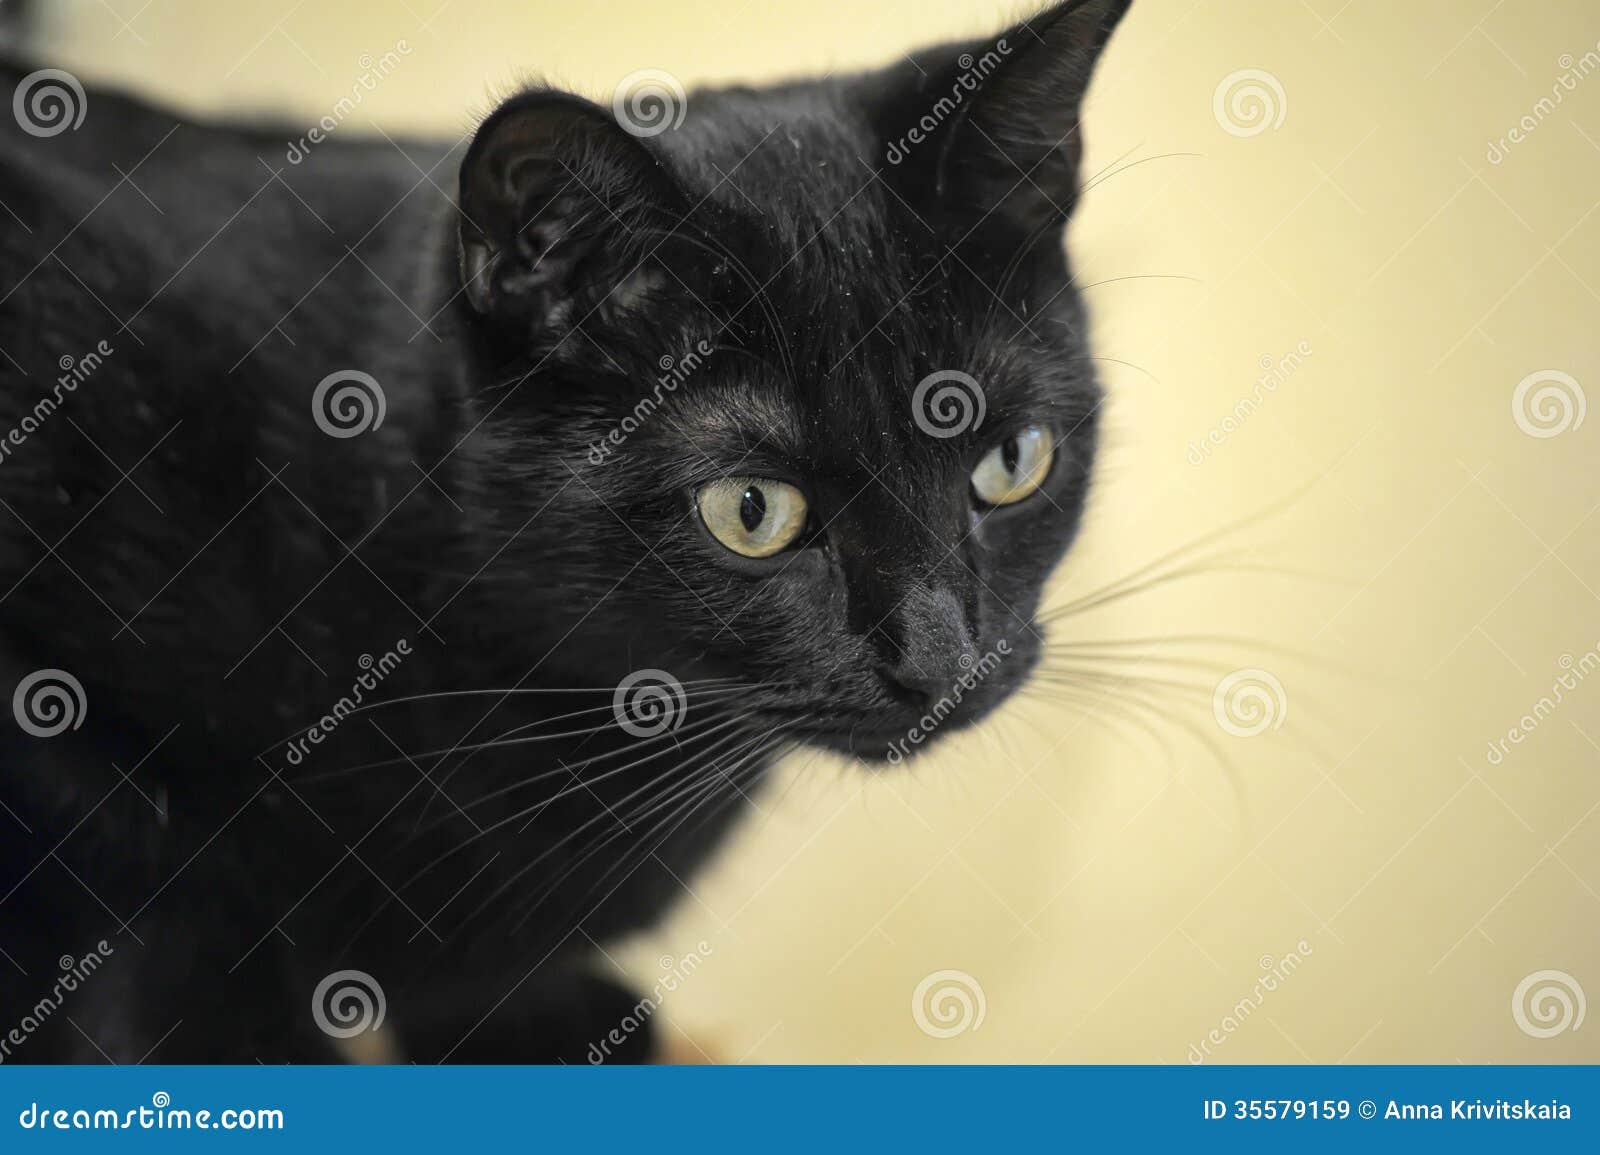 cat print tattoo